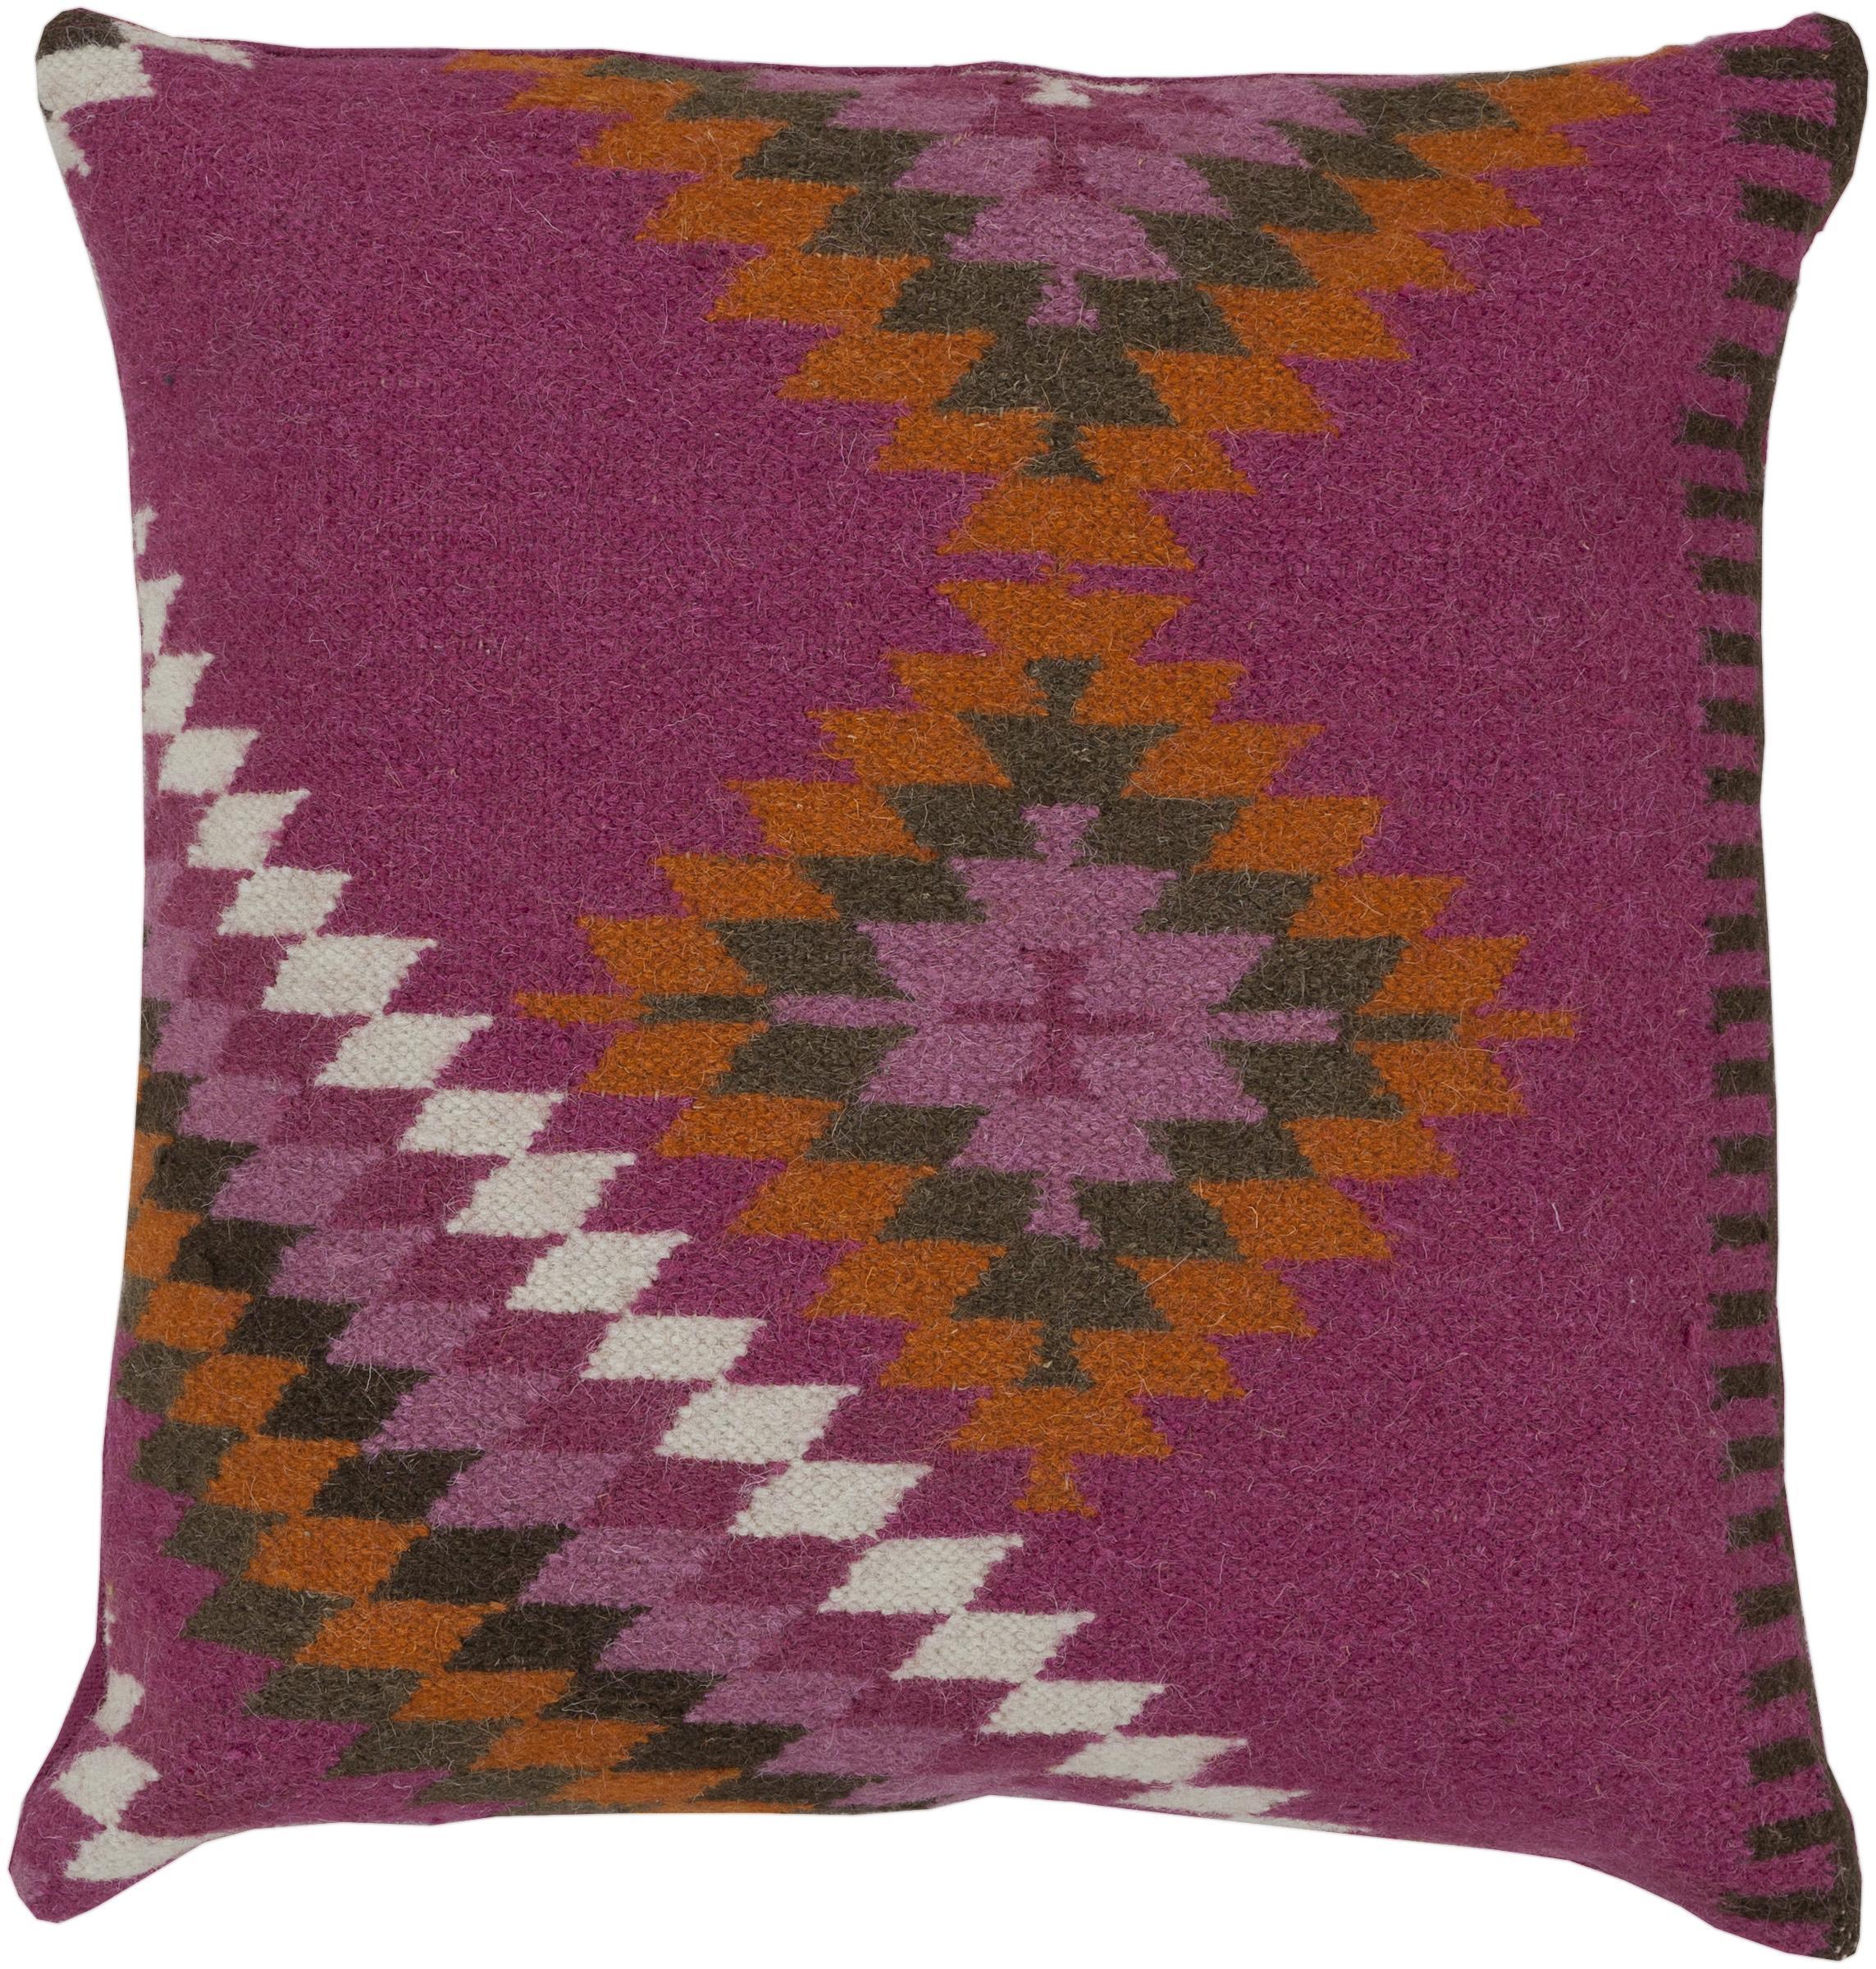 """Surya Rugs Pillows 20"""" x 20"""" Pillow - Item Number: LD035-2020P"""